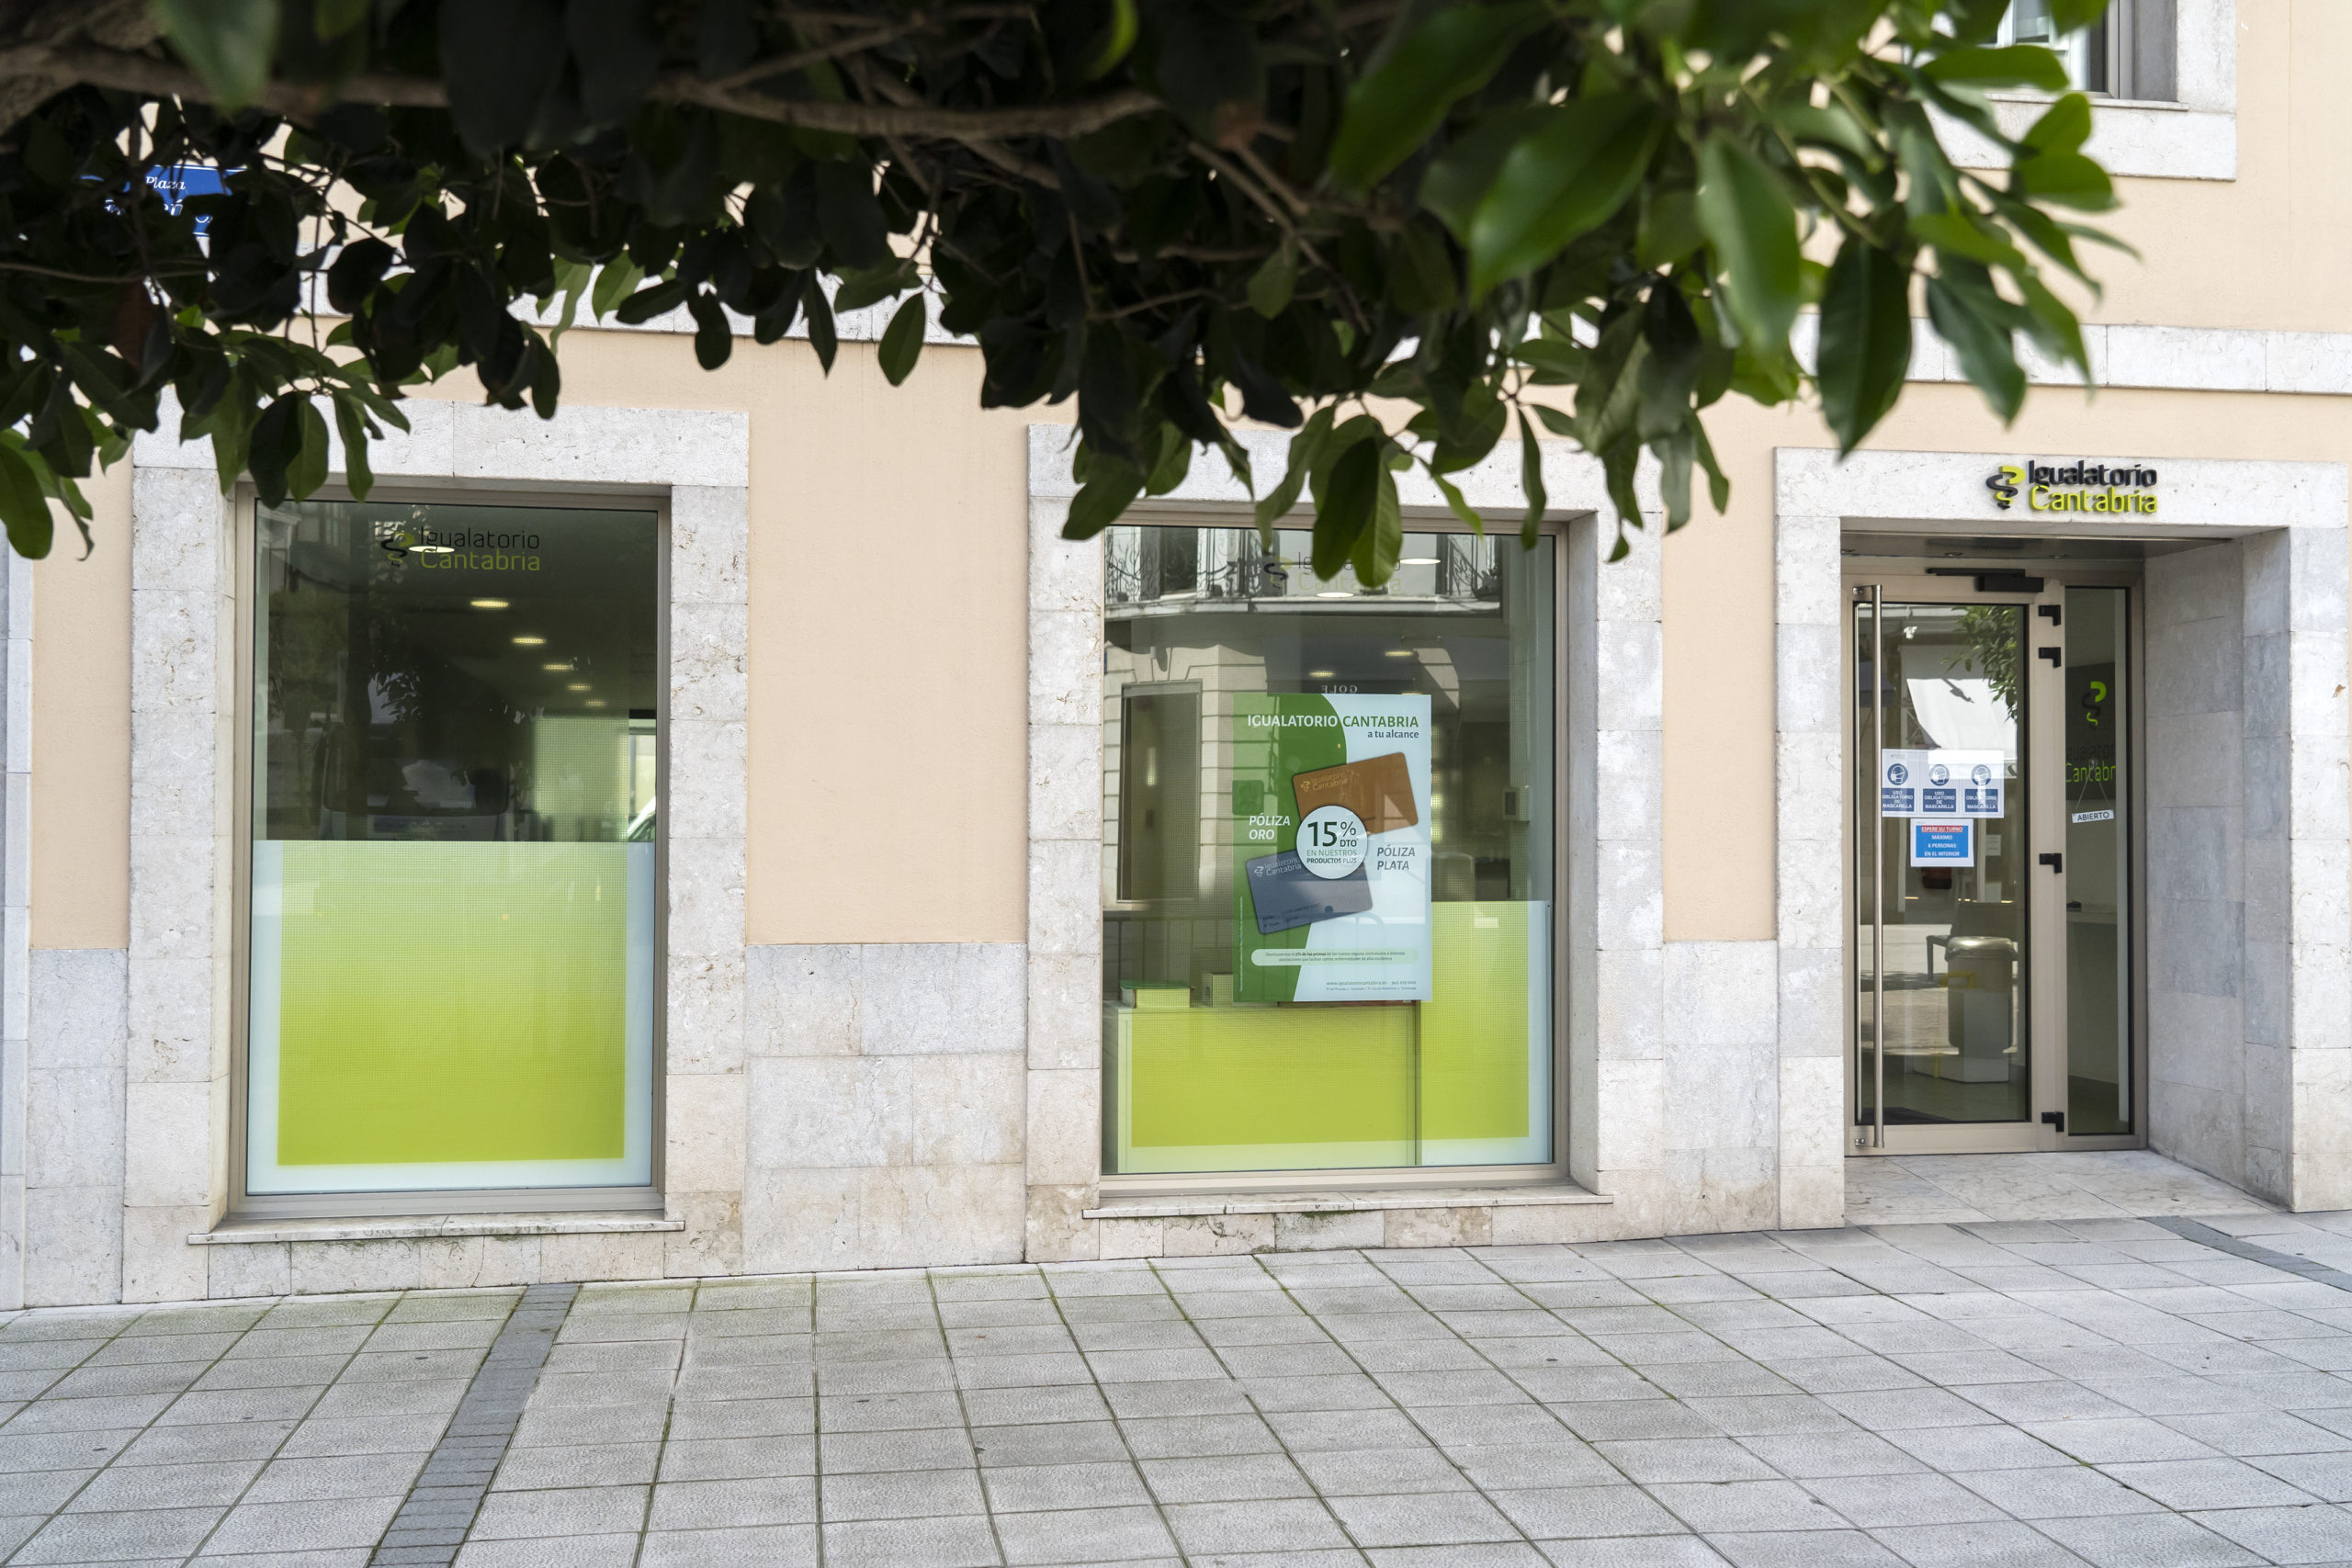 Los Accionistas De Igualatorio Cantabria Aprueban Por Amplia Mayoría La Modificación De Sus Estatutos Sociales